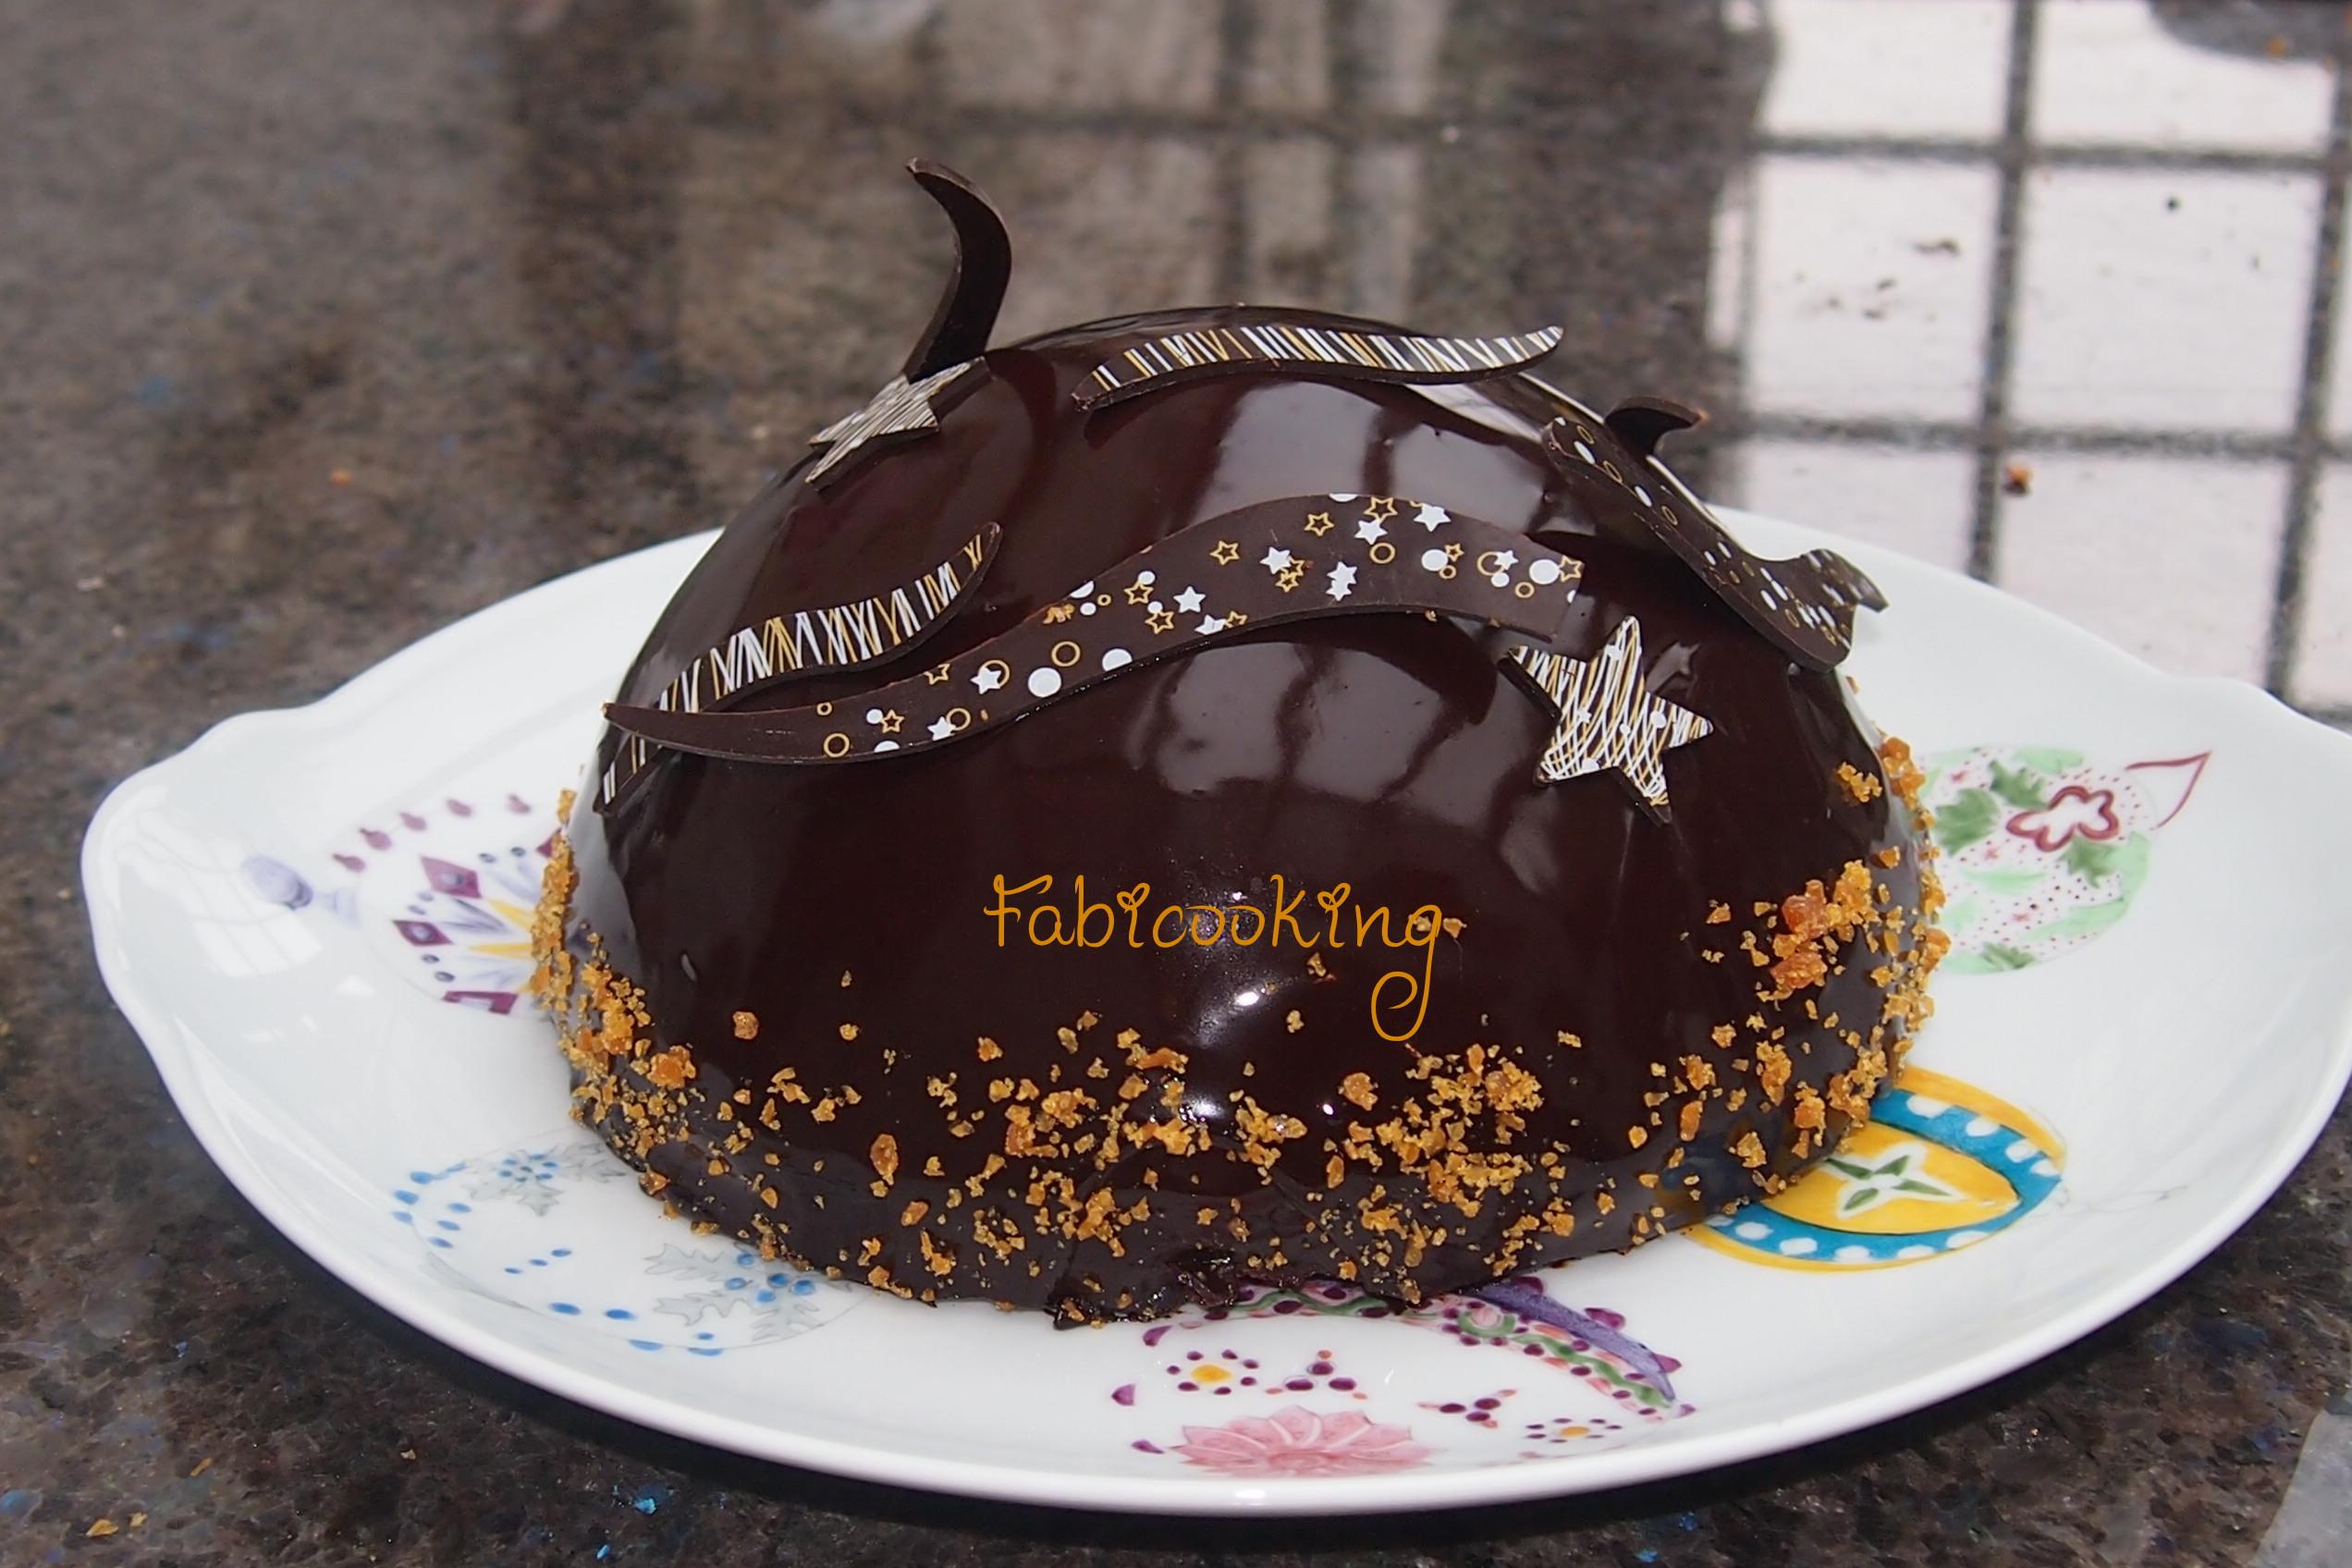 Gateau Au Chocolat Avec Plein De Decoration